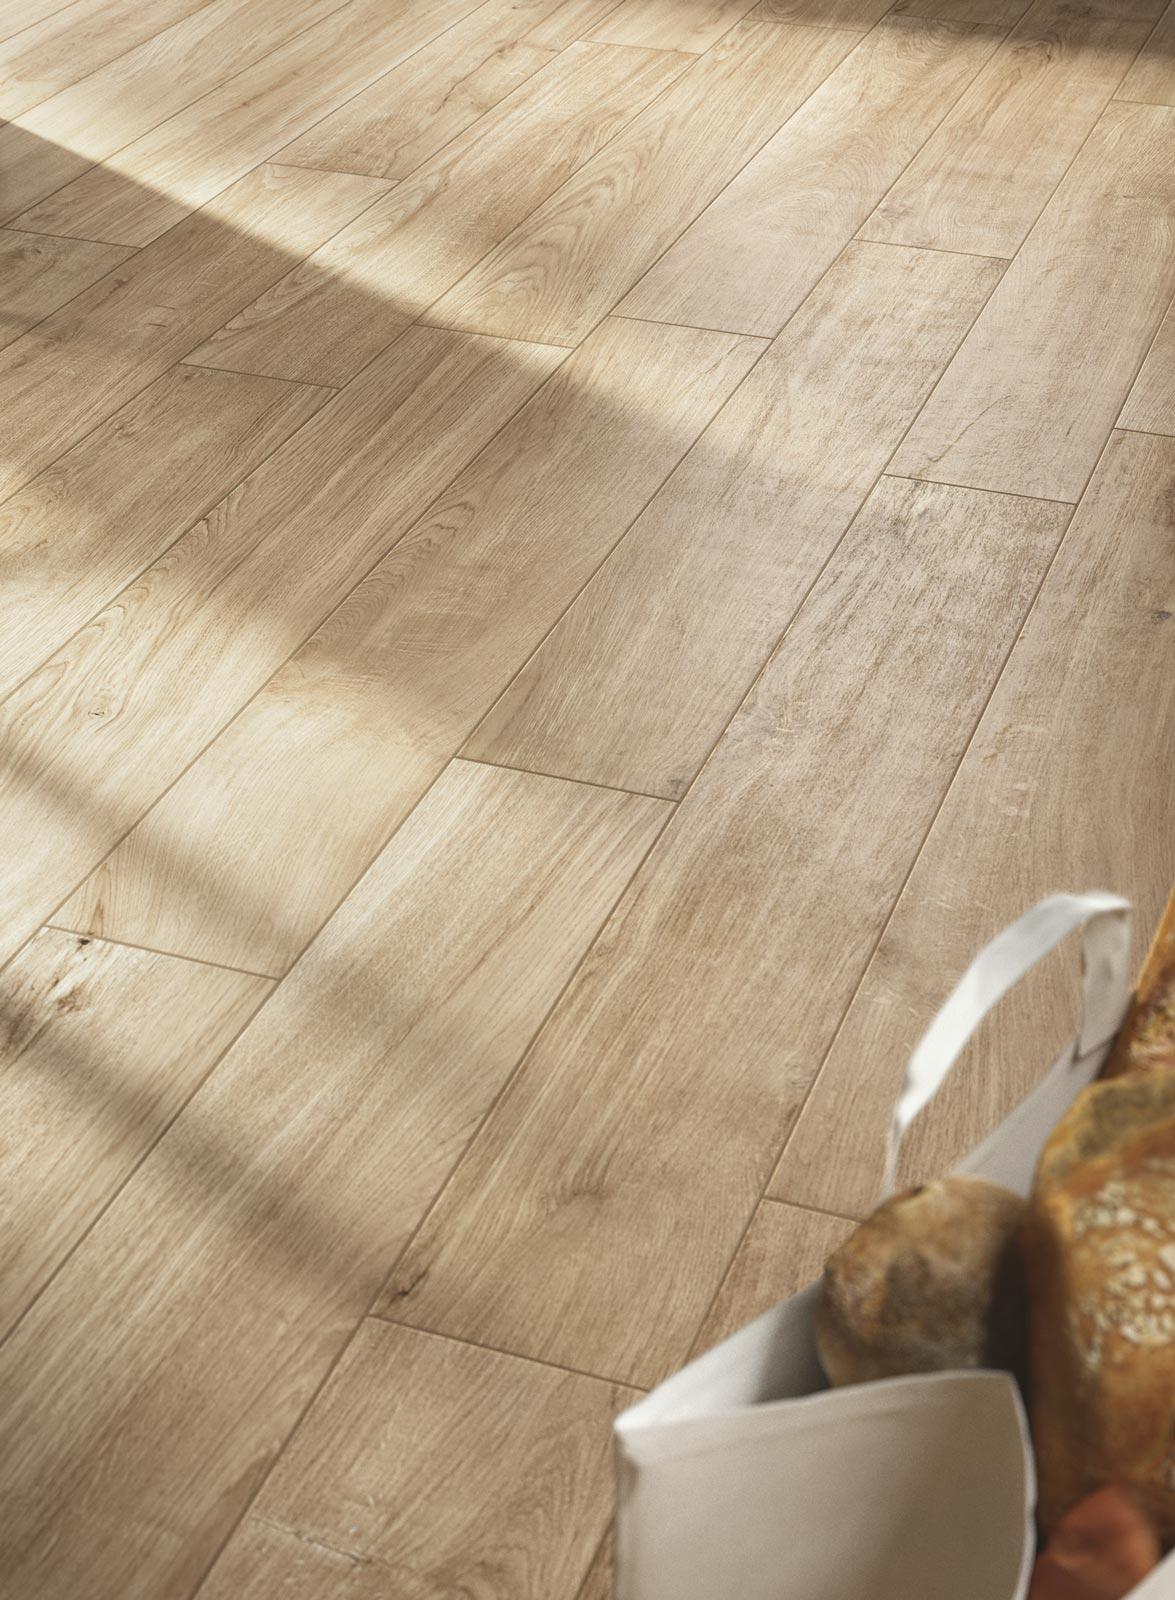 Ragno Gres Porcellanato Effetto Legno gres porcellanato effetto legno ragno woodpassion - termini